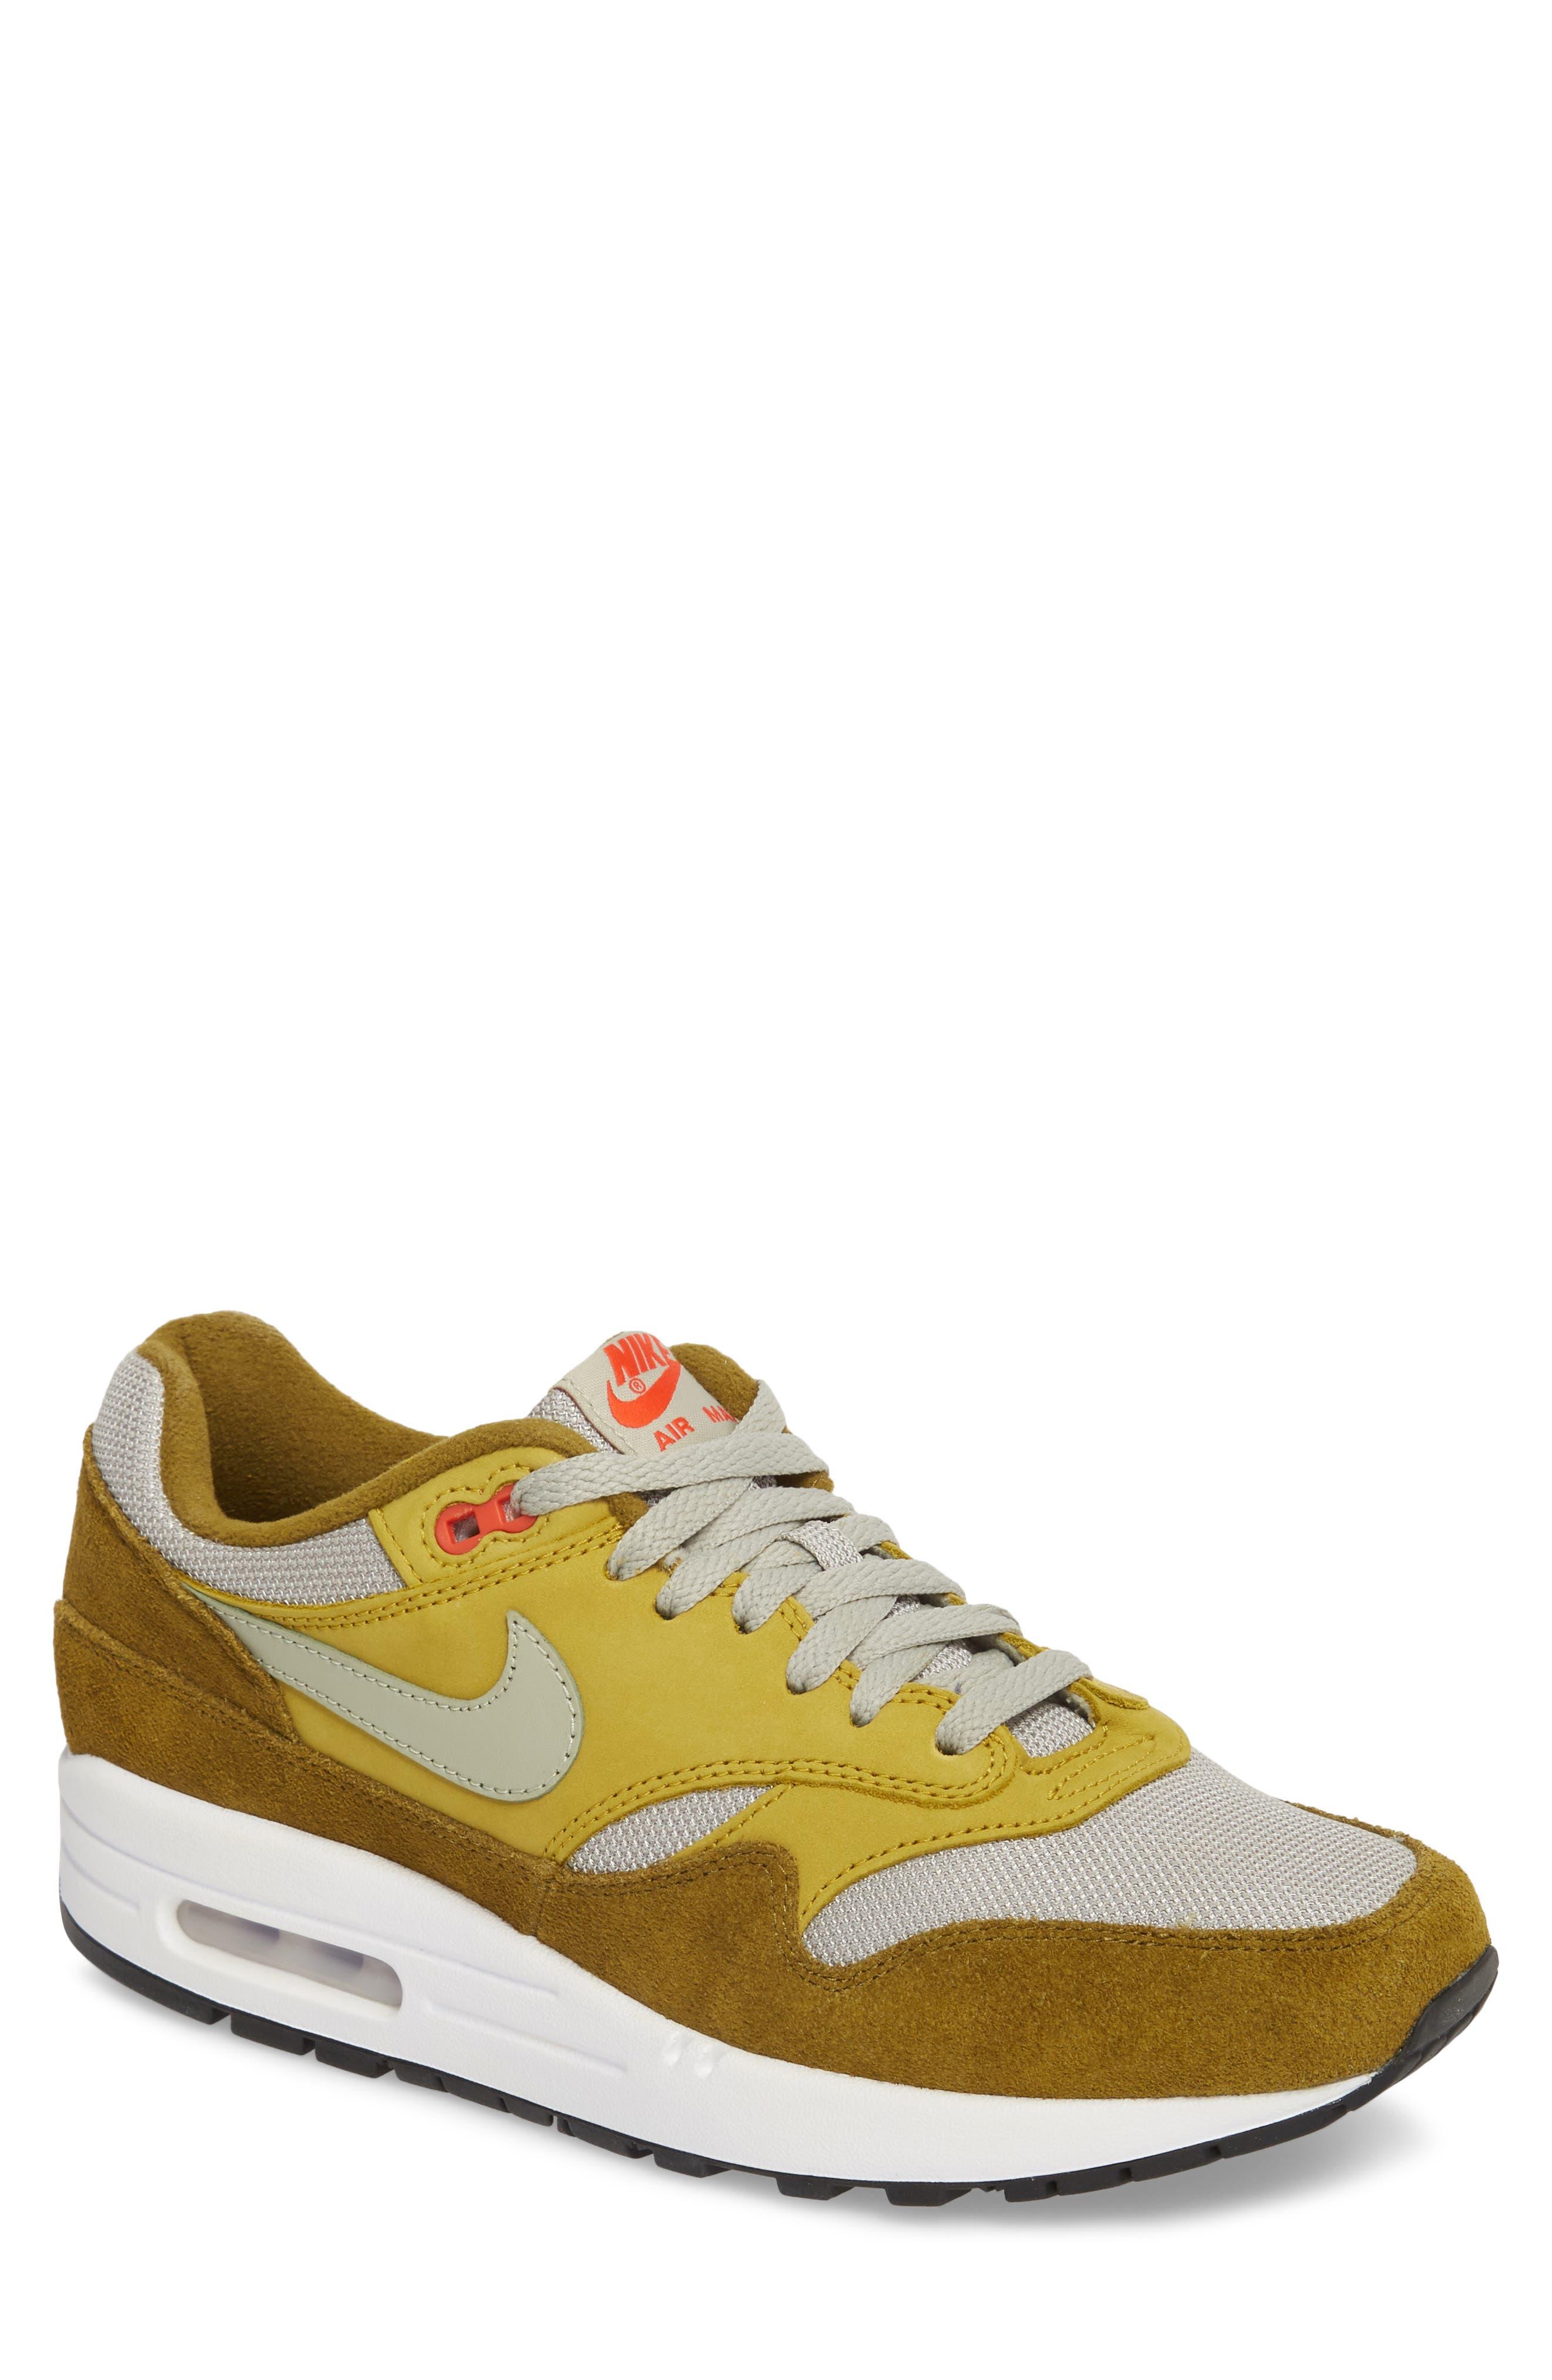 Air Max 1 Premium Retro Sneaker,                             Main thumbnail 1, color,